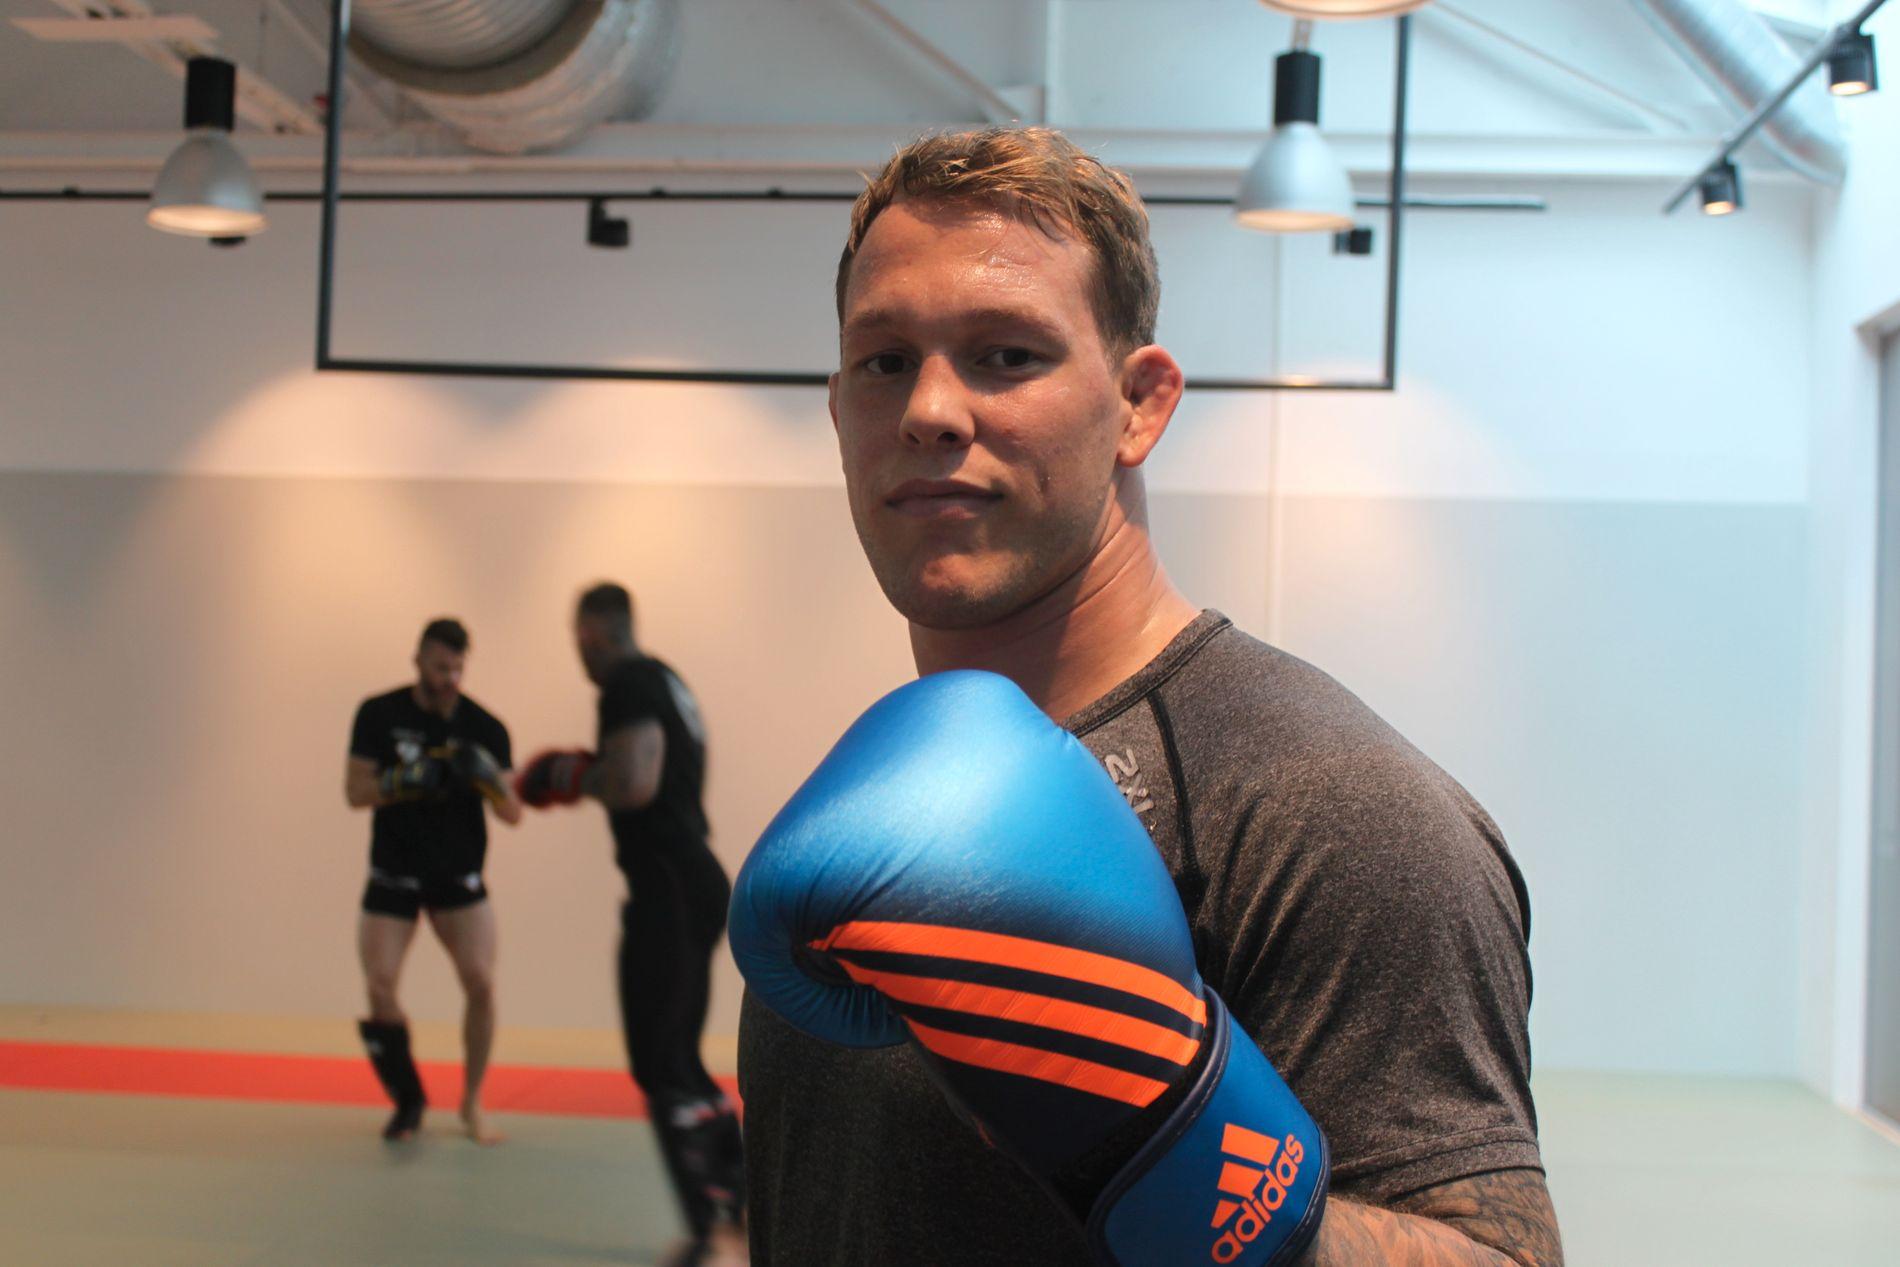 PÅ JOBB OM DAGEN: Marthin Hamlet – ja, han har en H i Martin – har en perfekt 3–0 MMA-rekord.